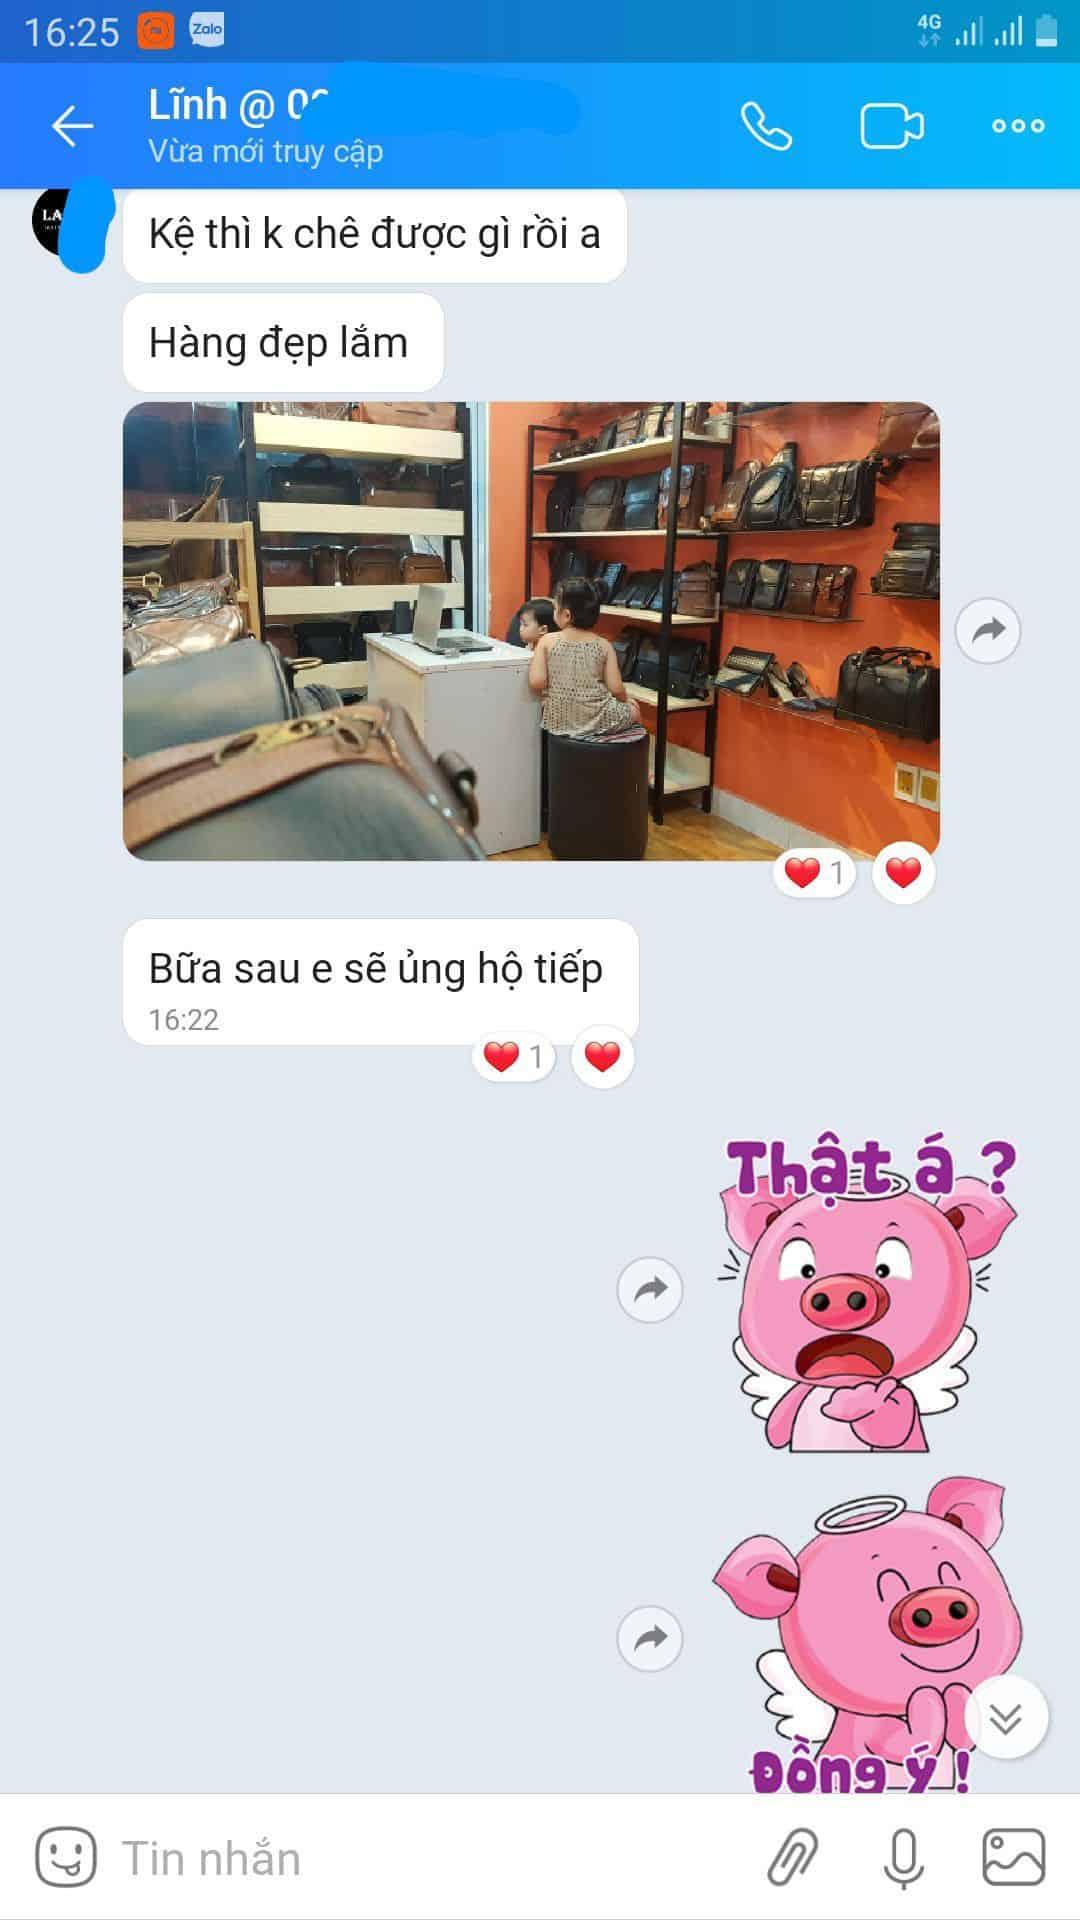 Shop Lan Vy chia sẻ cảm nhận kệ gỗ khung sắt trưng bày sản phẩm đồ da